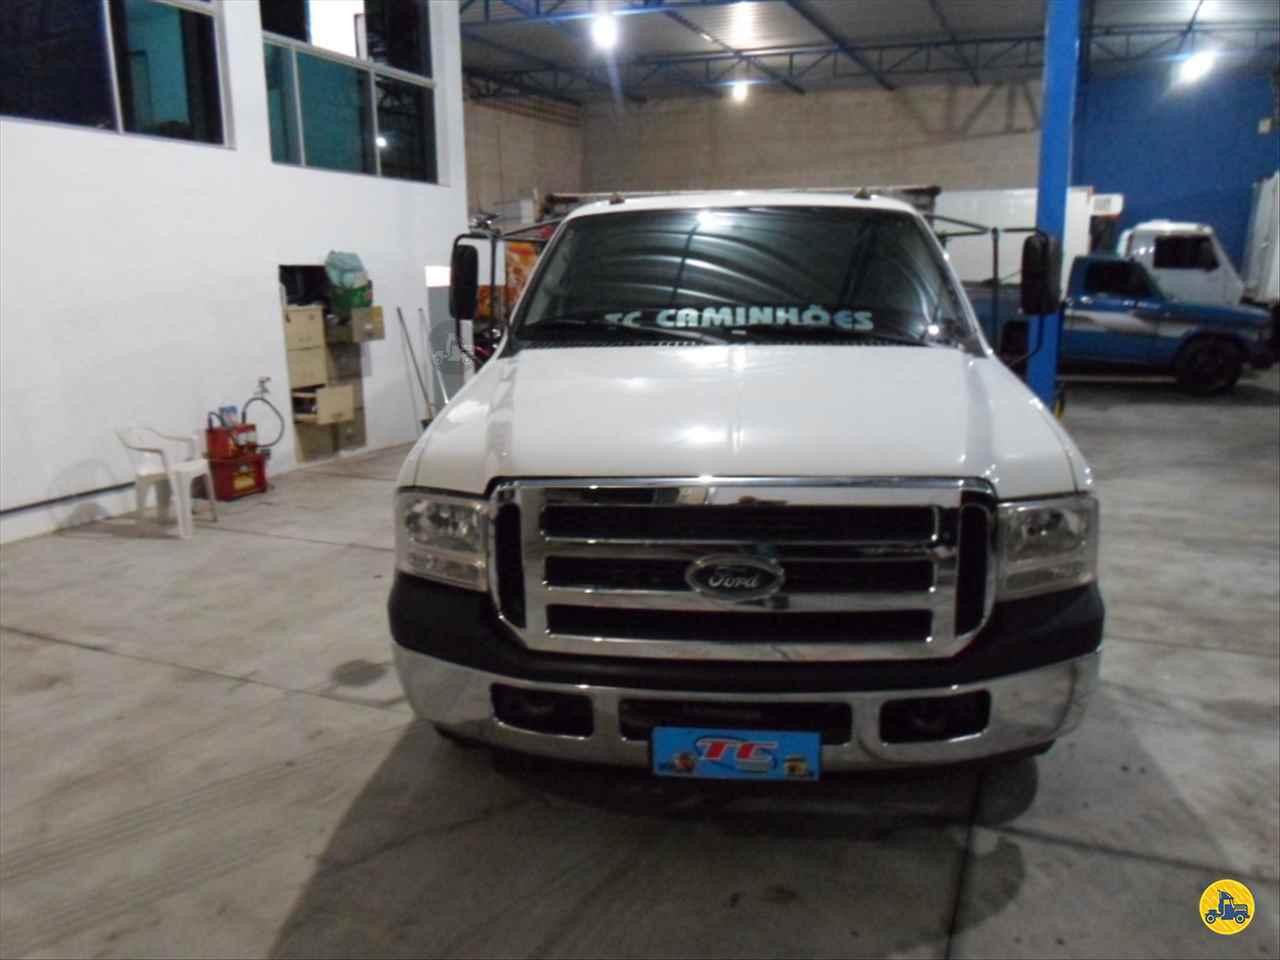 CAMINHAO FORD F350 Carga Seca 3/4 4x2 TC Caminhões  BELO HORIZONTE MINAS GERAIS MG